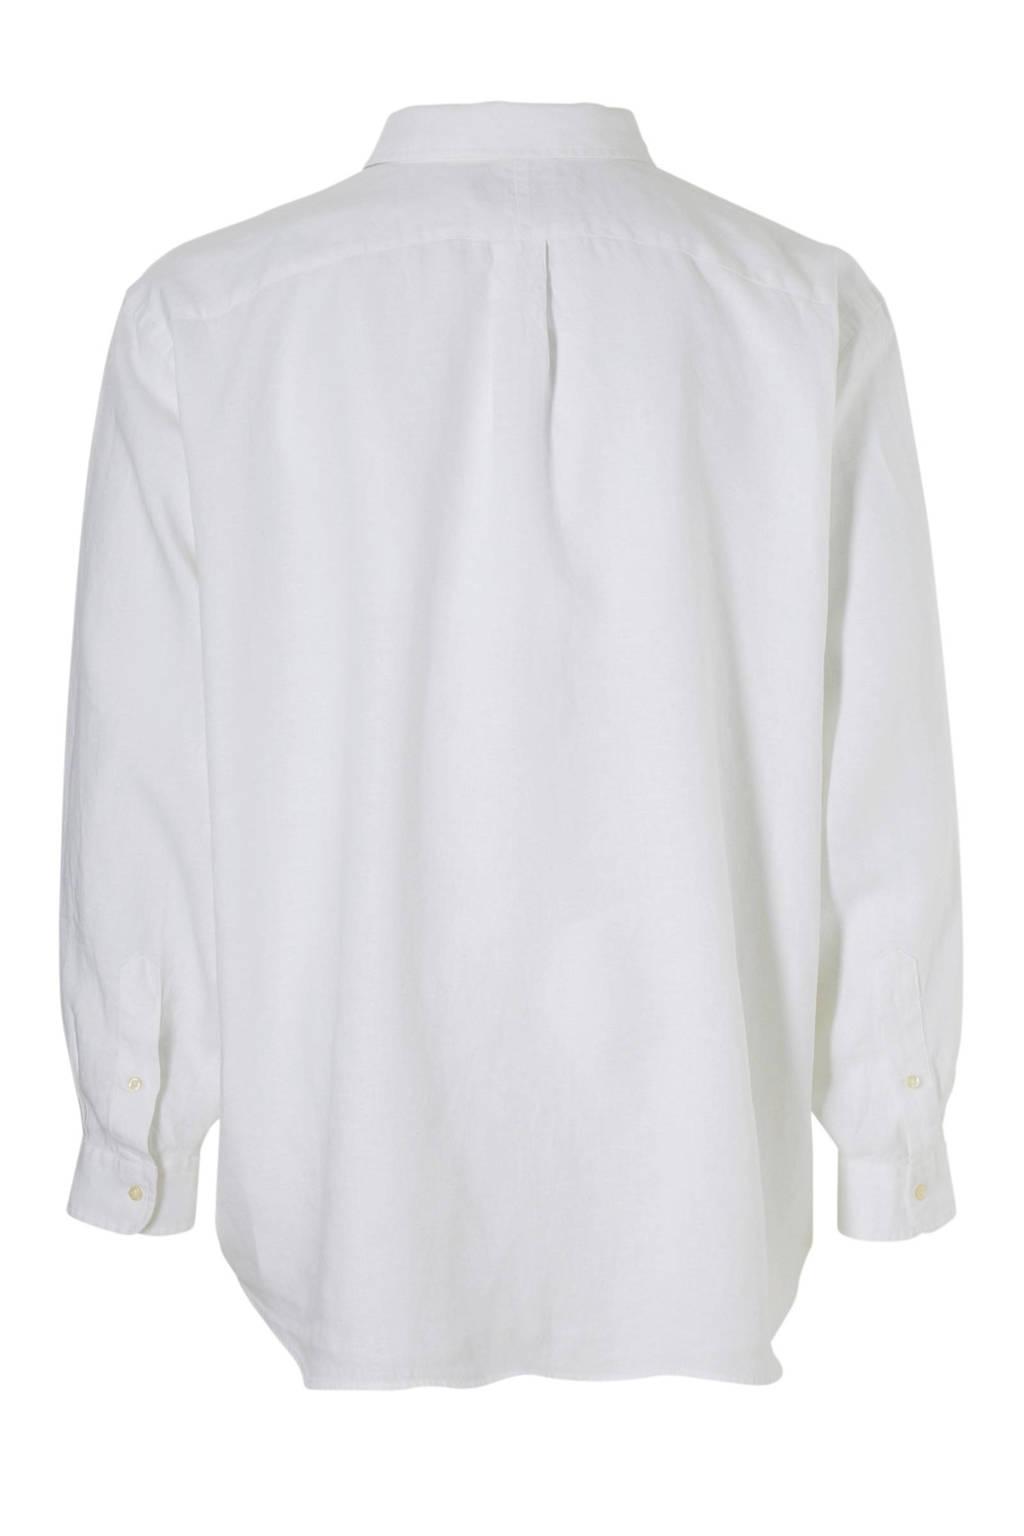 Linnen Overhemd Wit.Polo Ralph Lauren Big Tall Size Linnen Overhemd Wehkamp